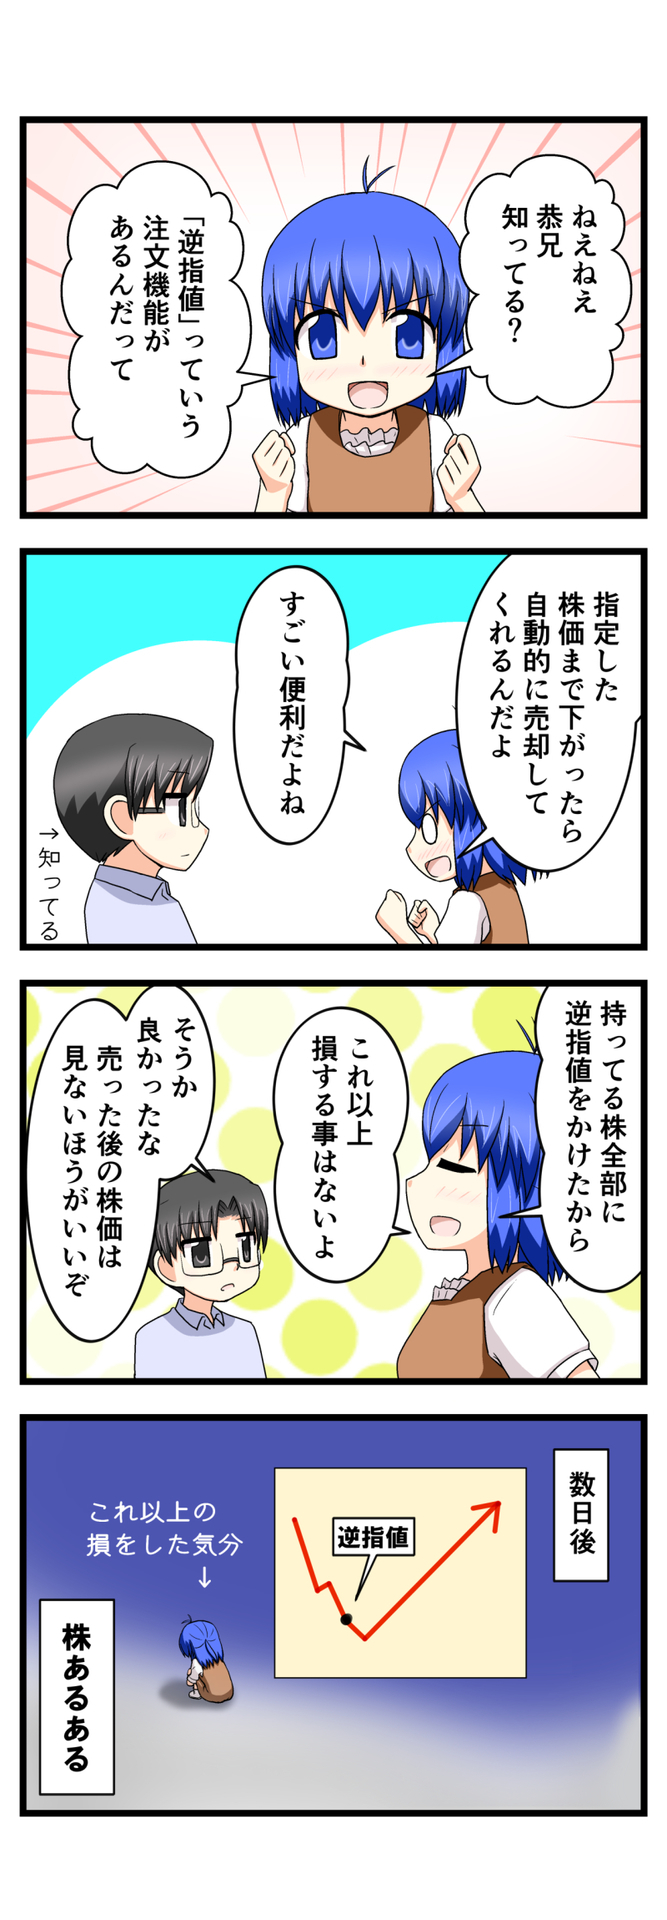 萌える株セミナー81.jpg